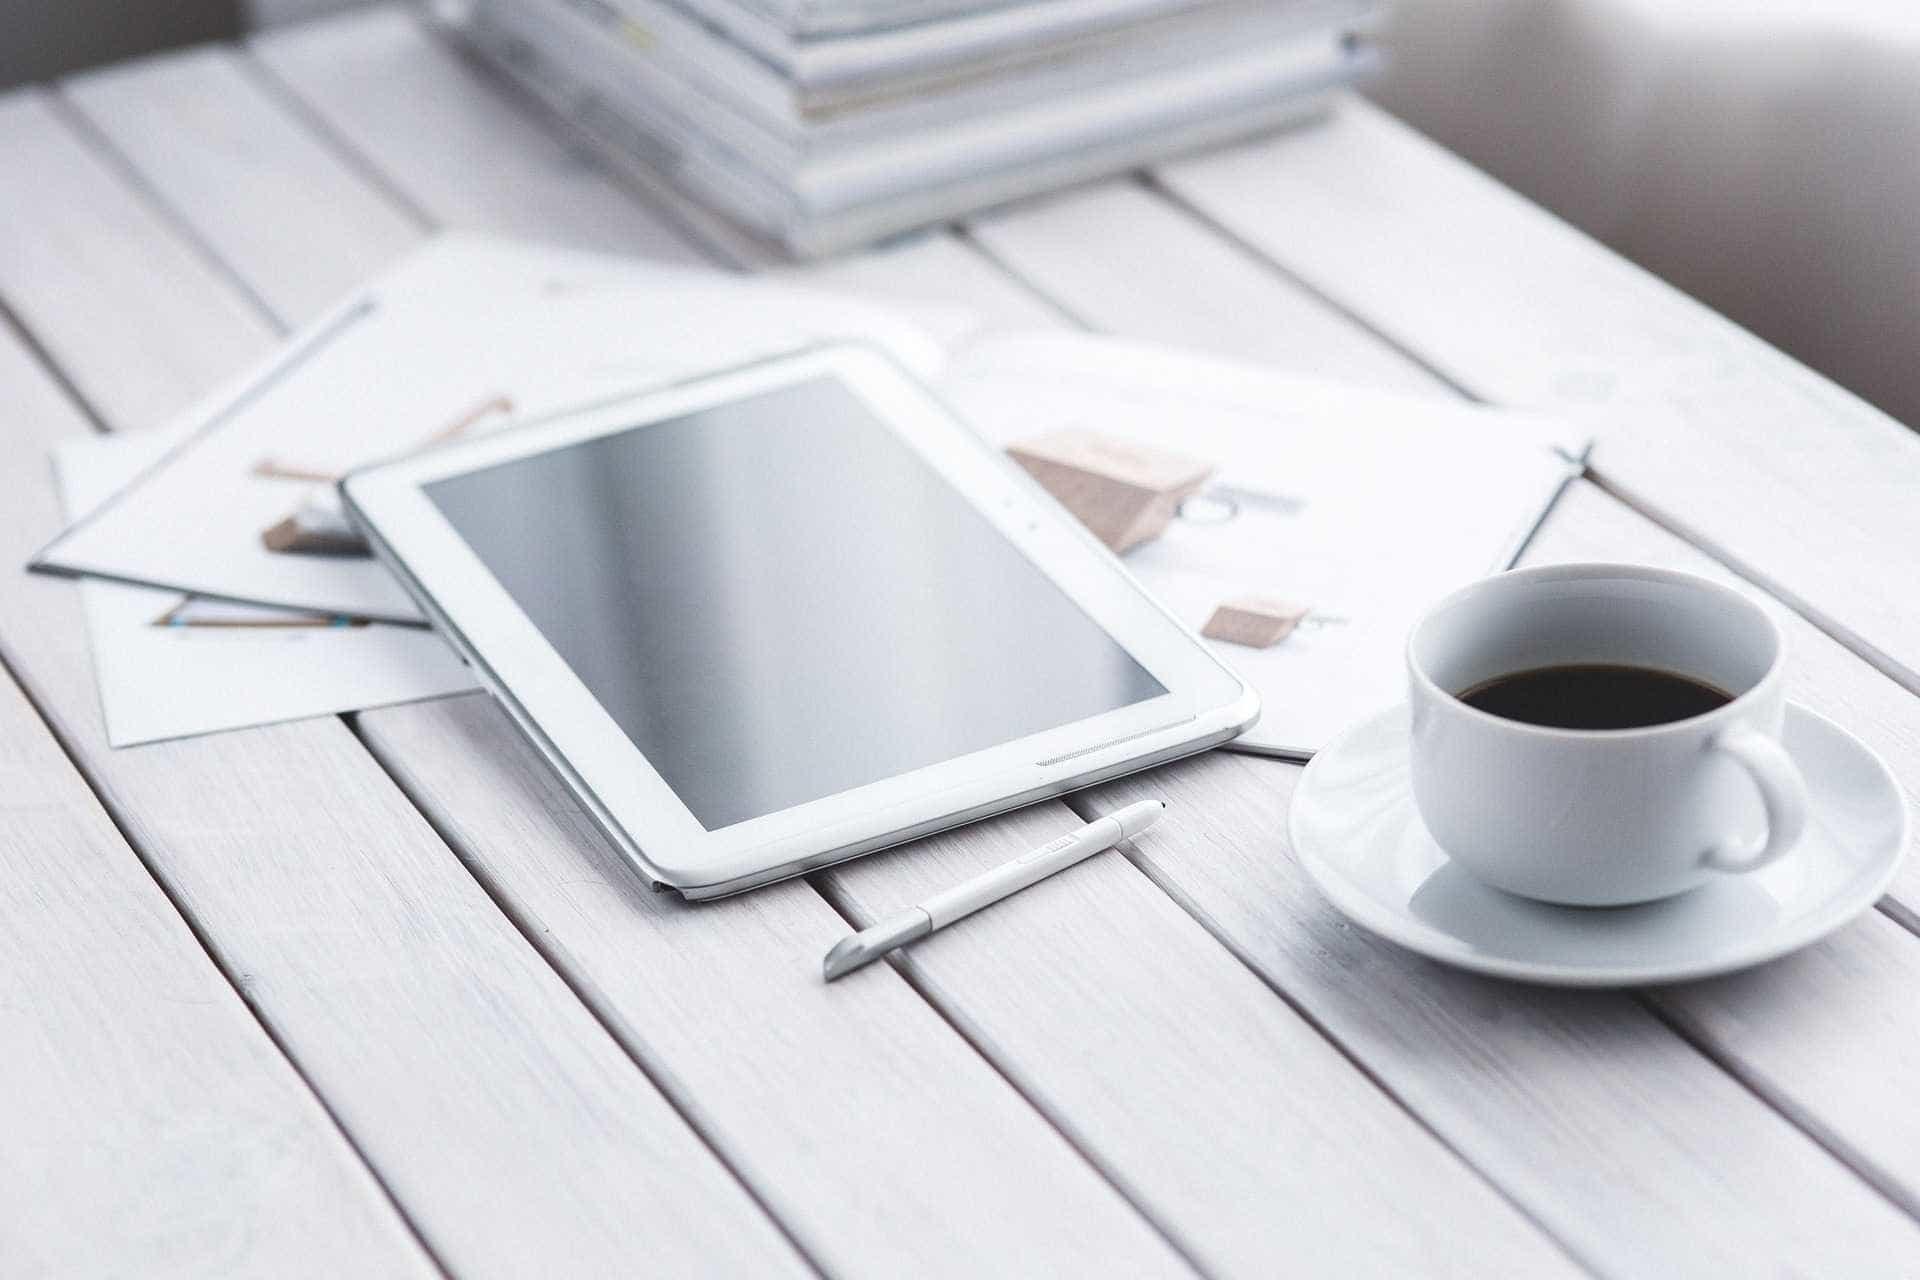 Três erros que as pessoas cometem ao comprar gadgets